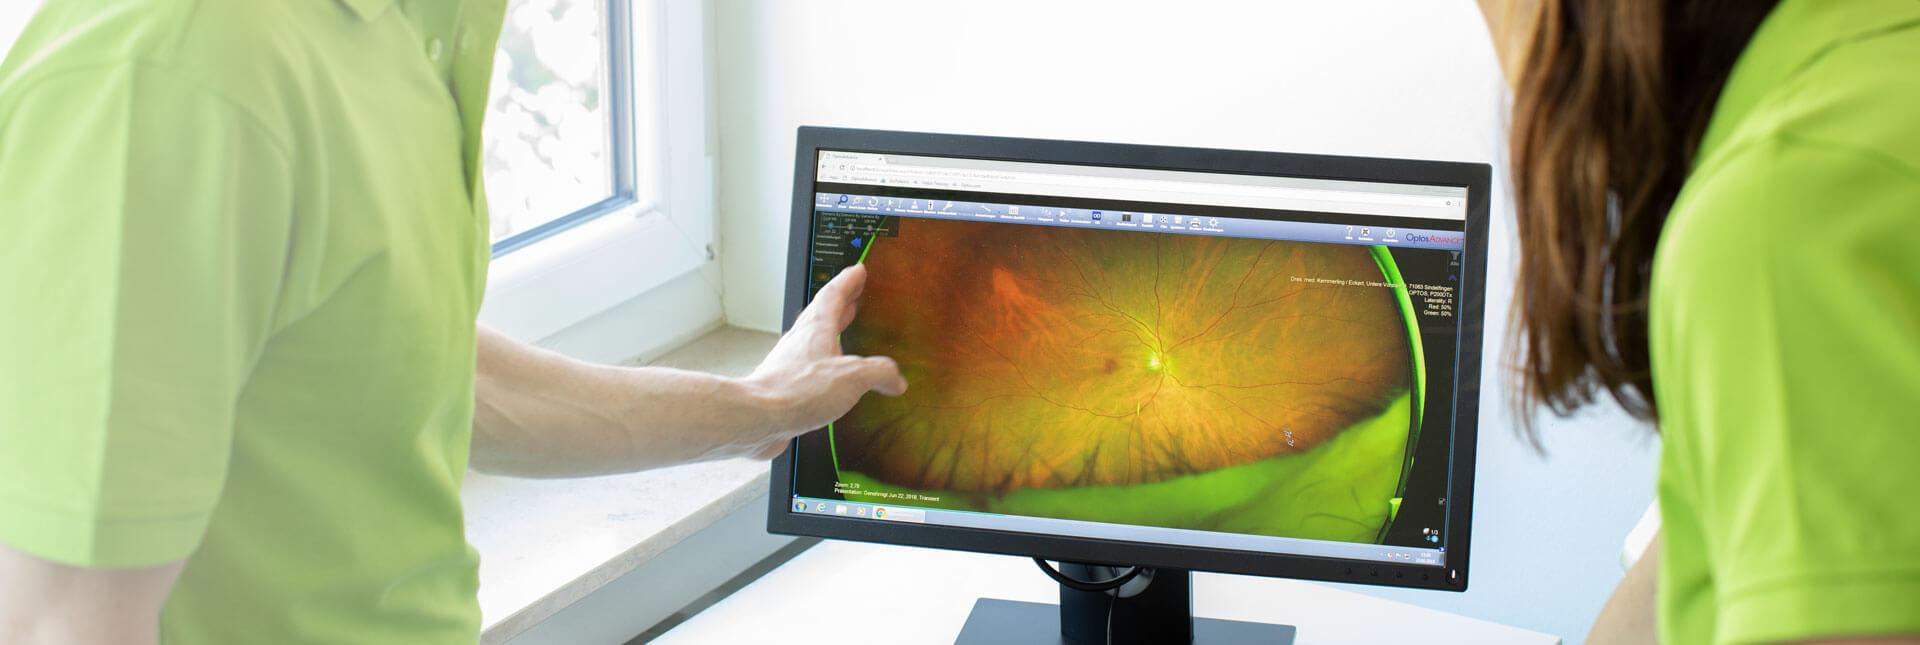 Augenärzte Sindelfingen – Optomap® Netzhautbeurteilung